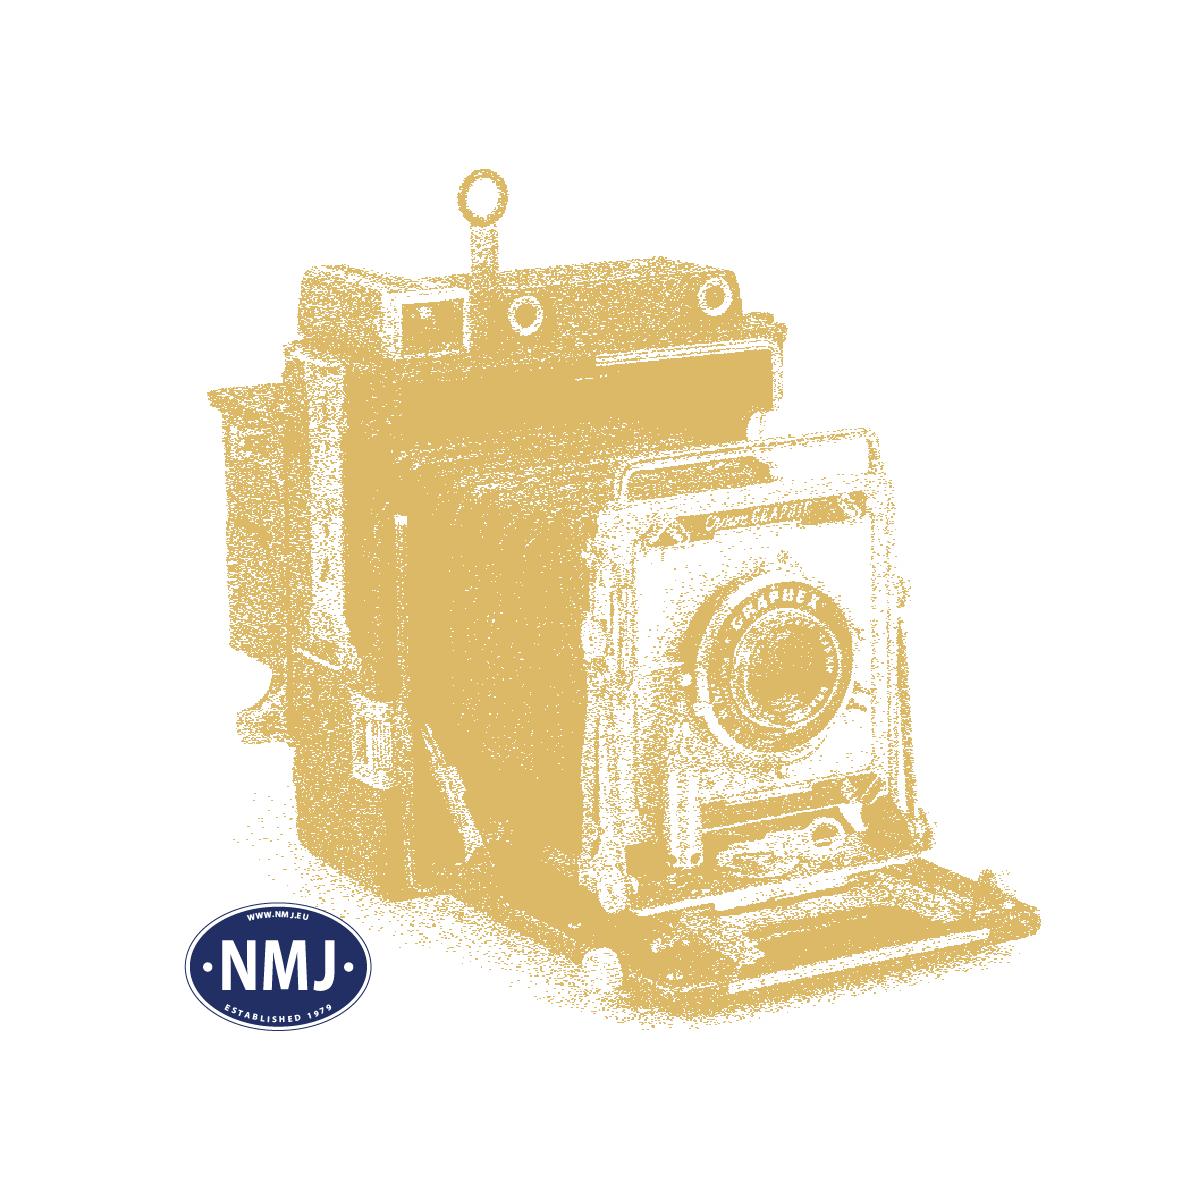 NMJ0TL3-3 - NMJ Superline NSB Tl3 6886 Rungenwagen m/ Stirn-und Seitenwänden, Spur 0